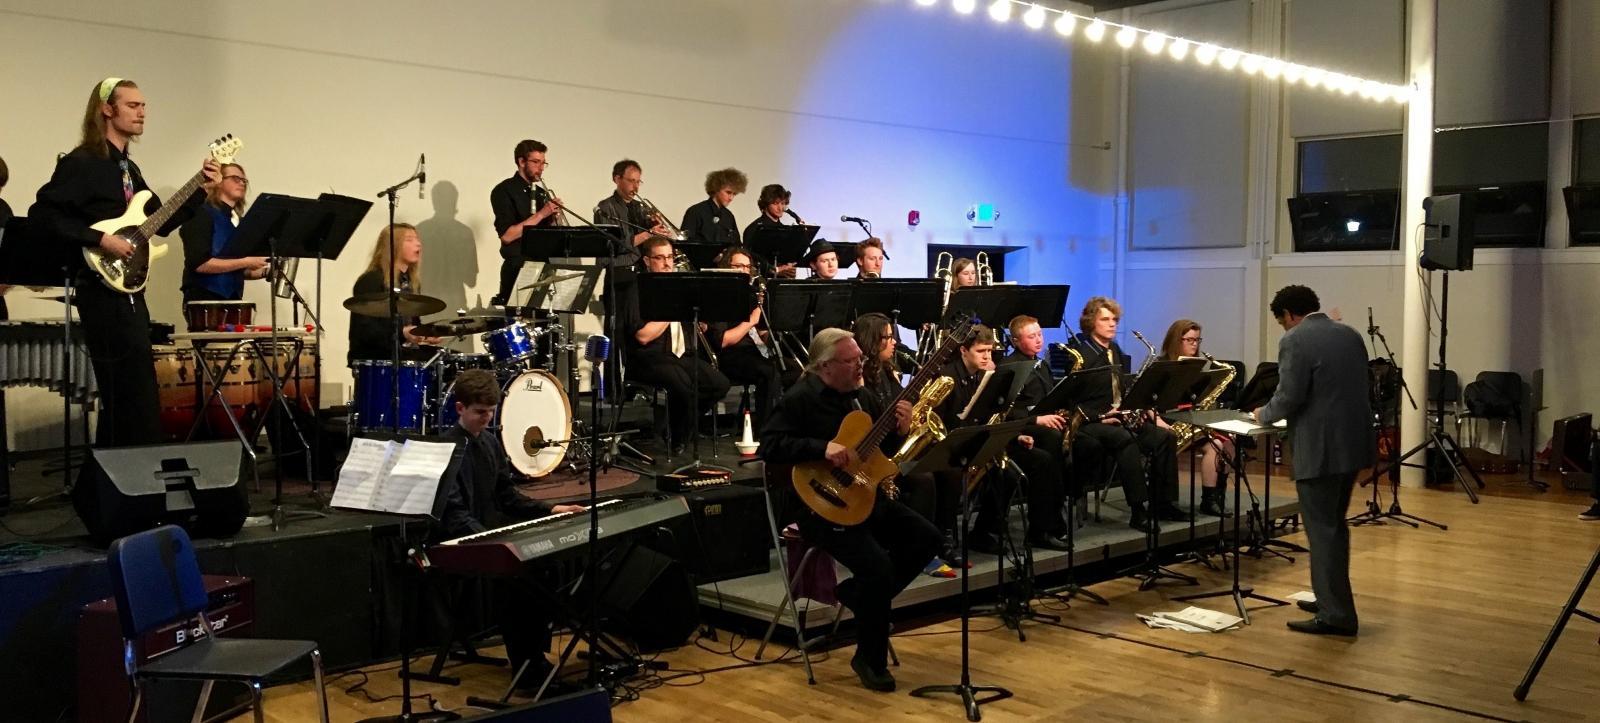 MSU 1 o'clock  Jazz performs